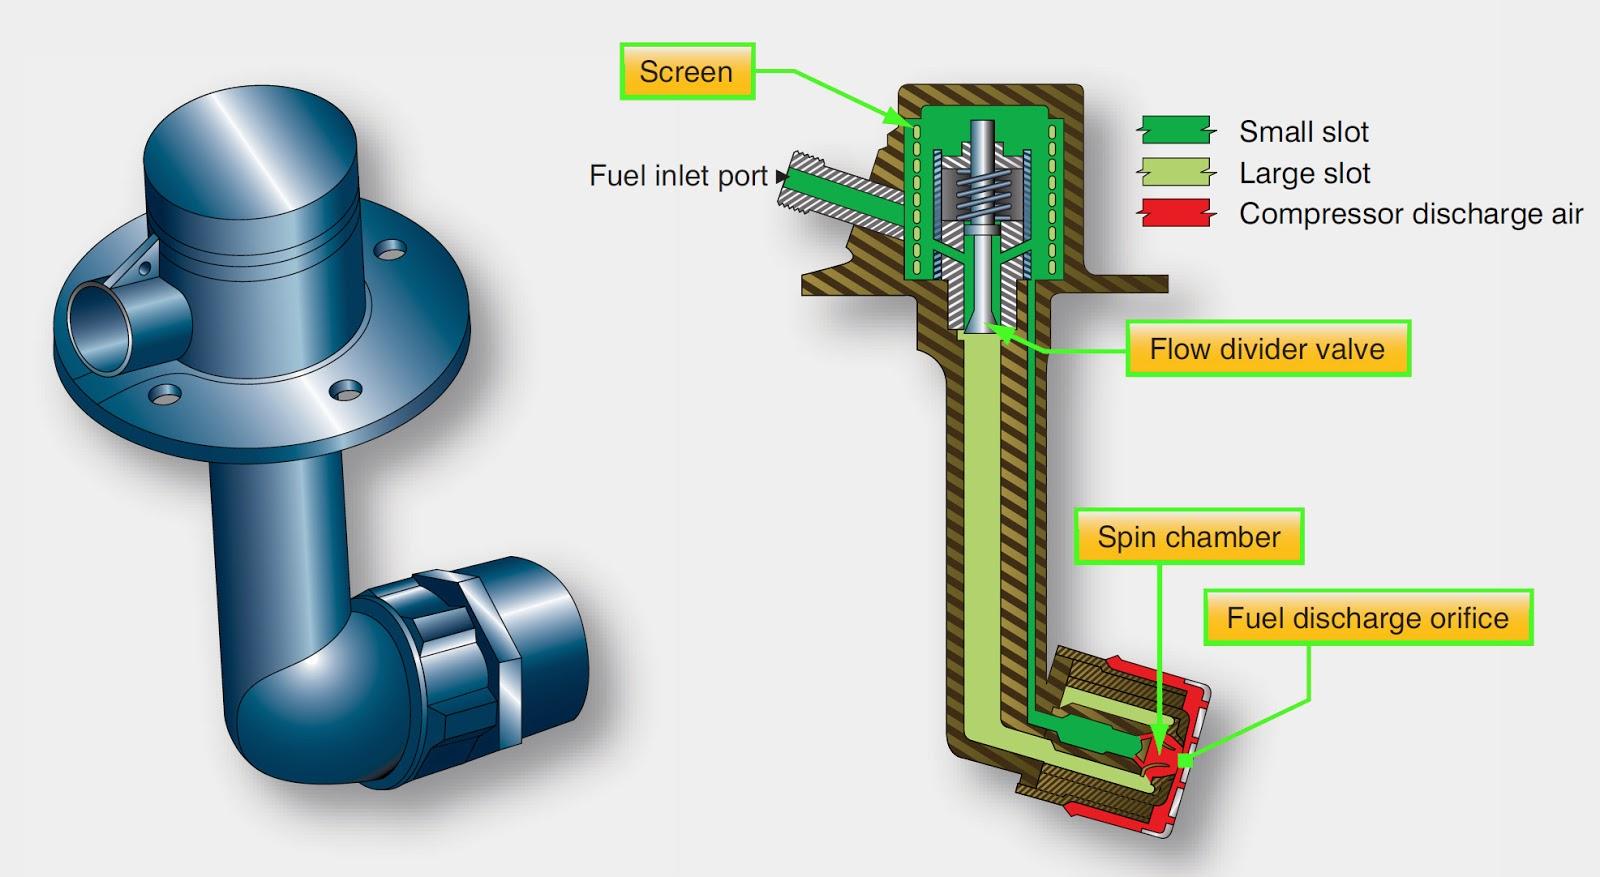 aeromotive fuel pump wiring diagram s10 fuel pump wiring diagram wiring diagram elsalvadorla maf iat sensor [ 1600 x 877 Pixel ]